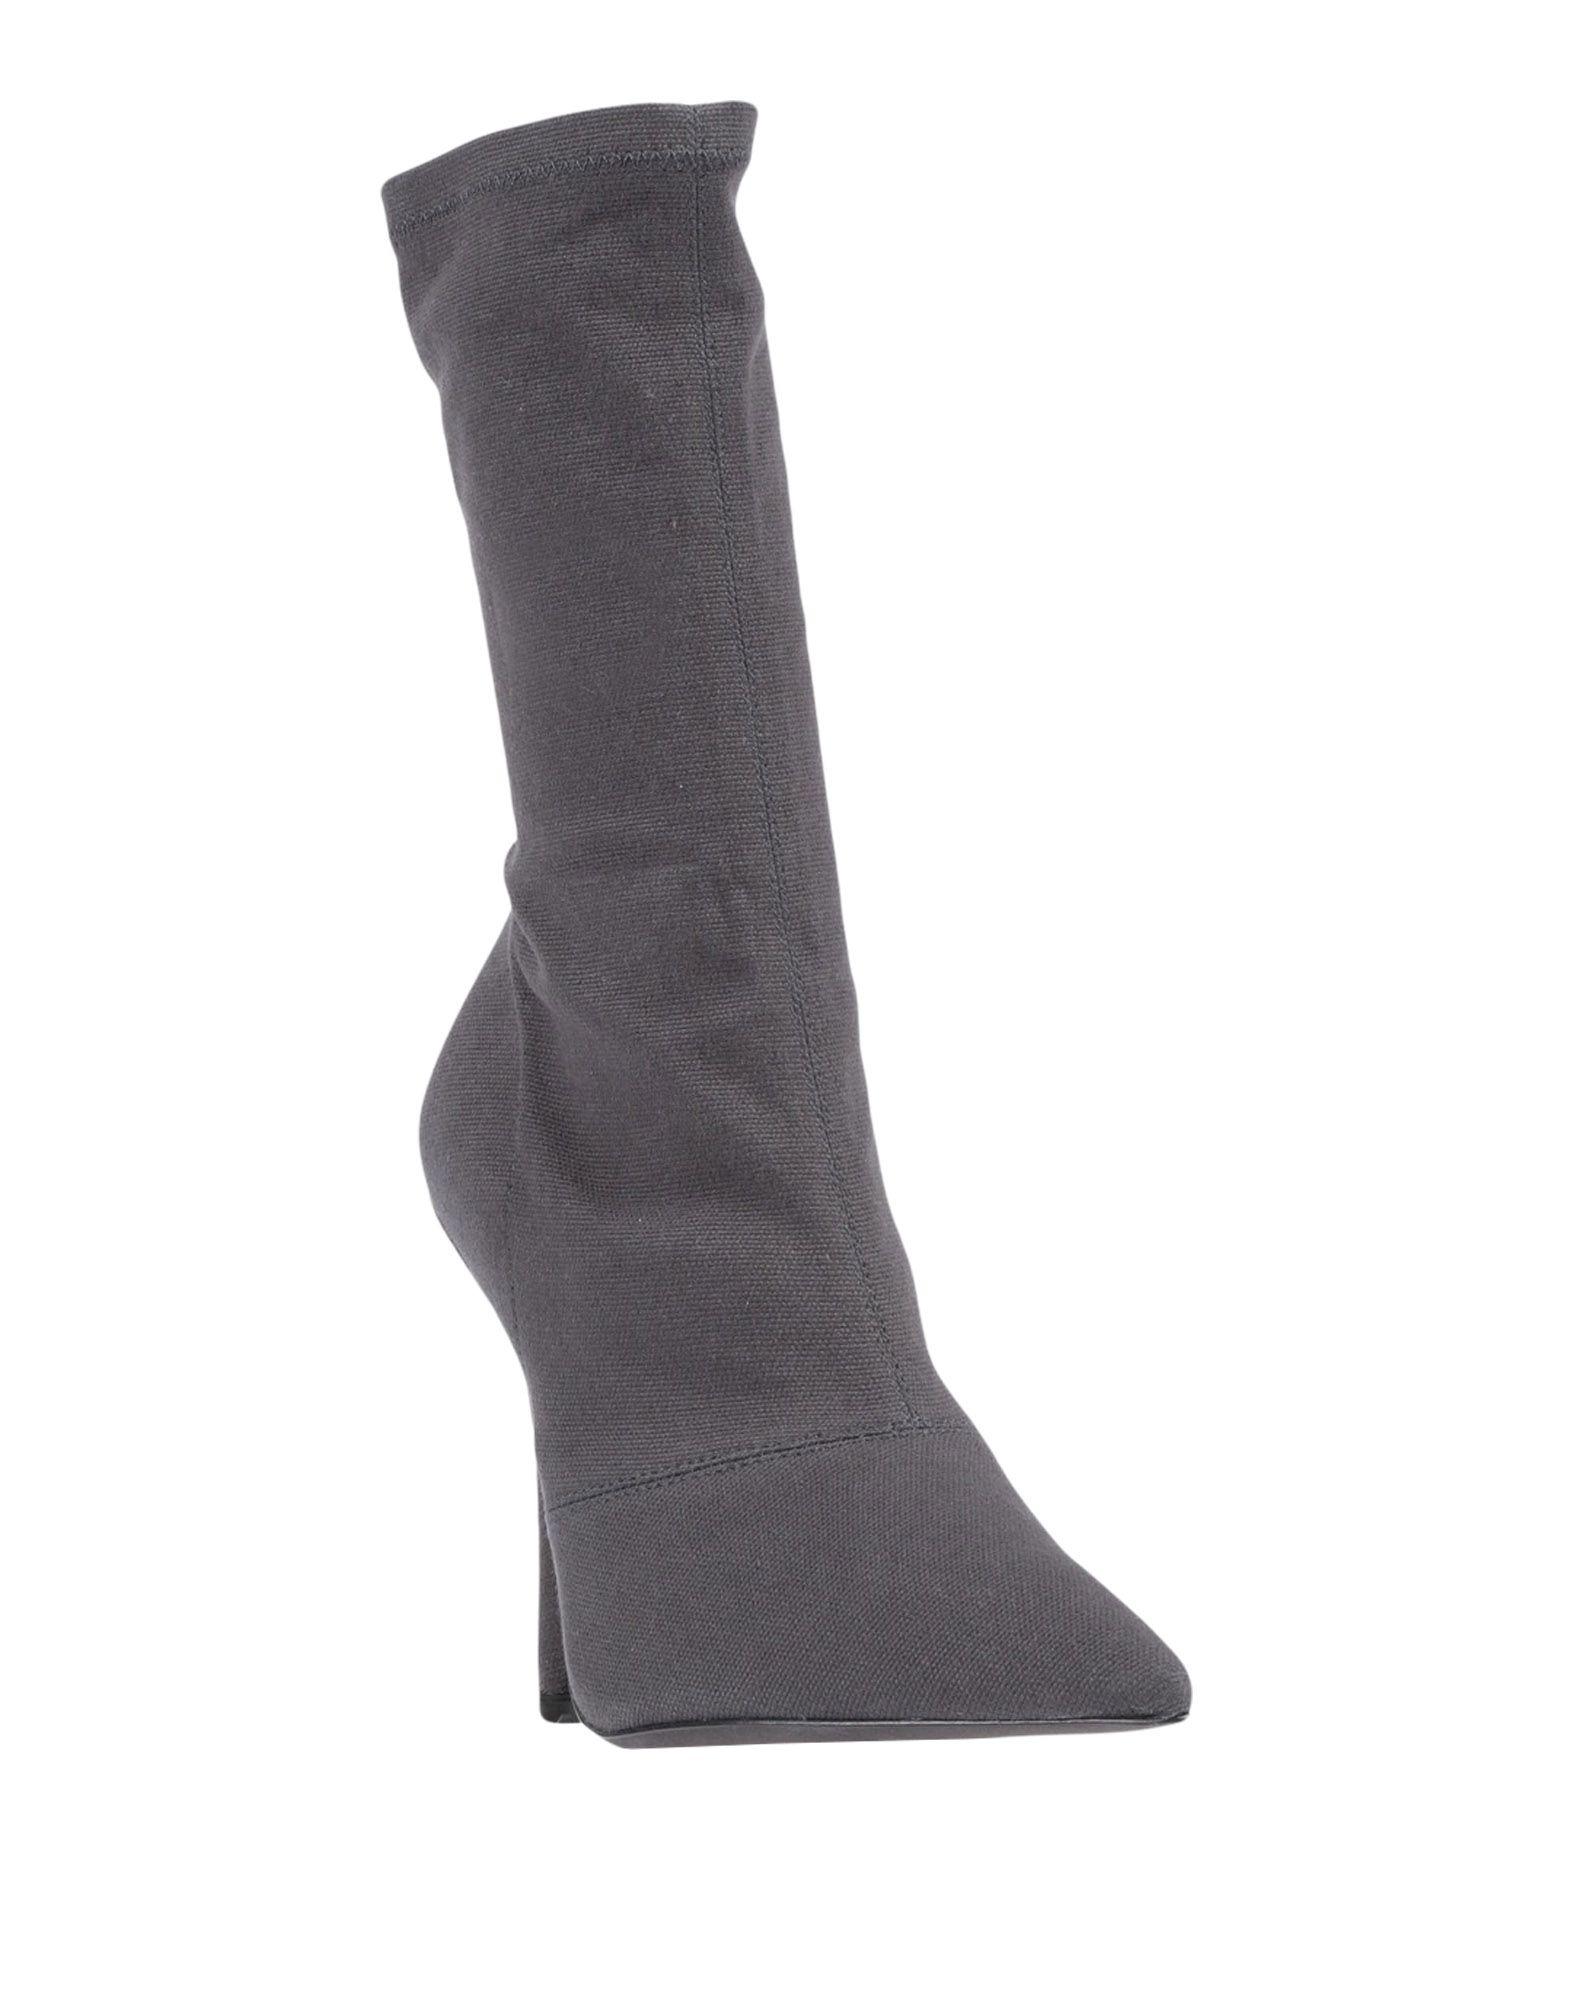 Rabatt Schuhe 11535797VA Yeezy Stiefelette Damen  11535797VA Schuhe e5c8b1